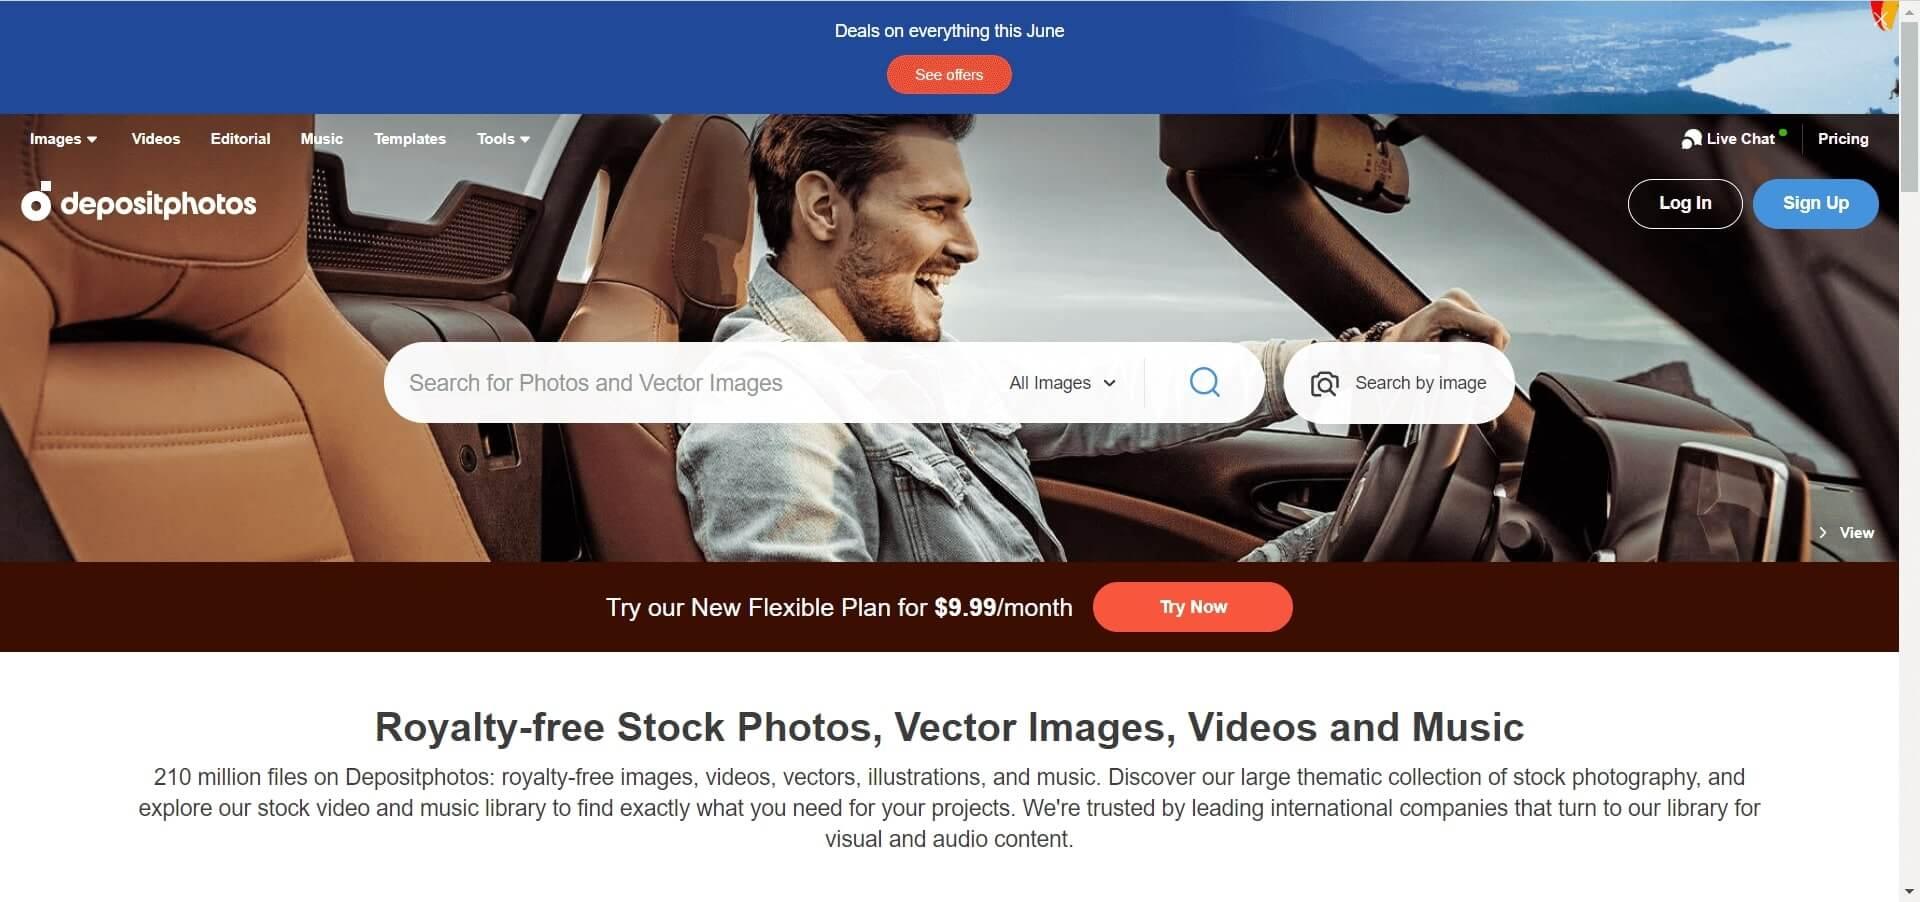 Depositphotos.com